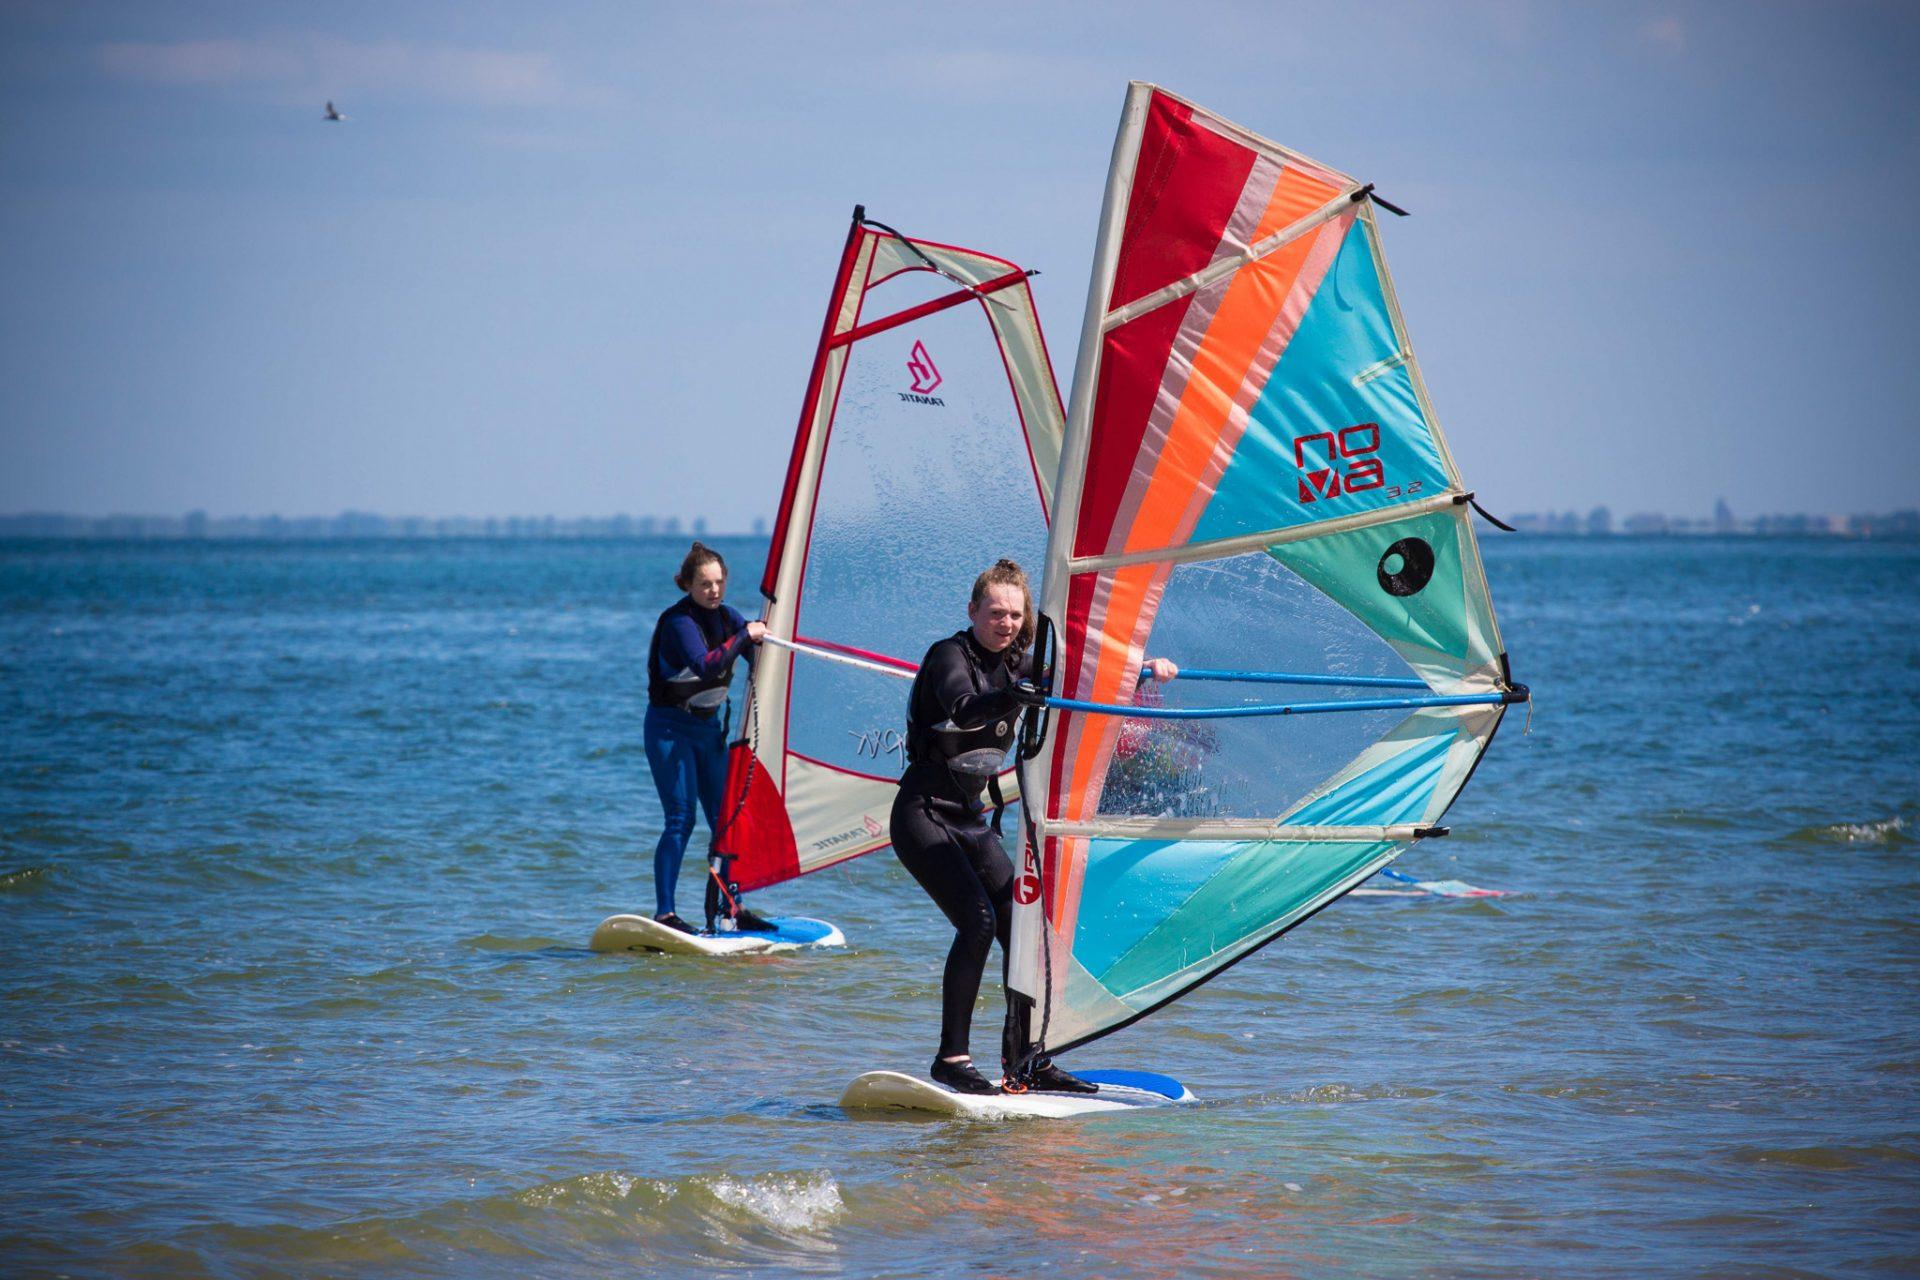 windsurfles duo